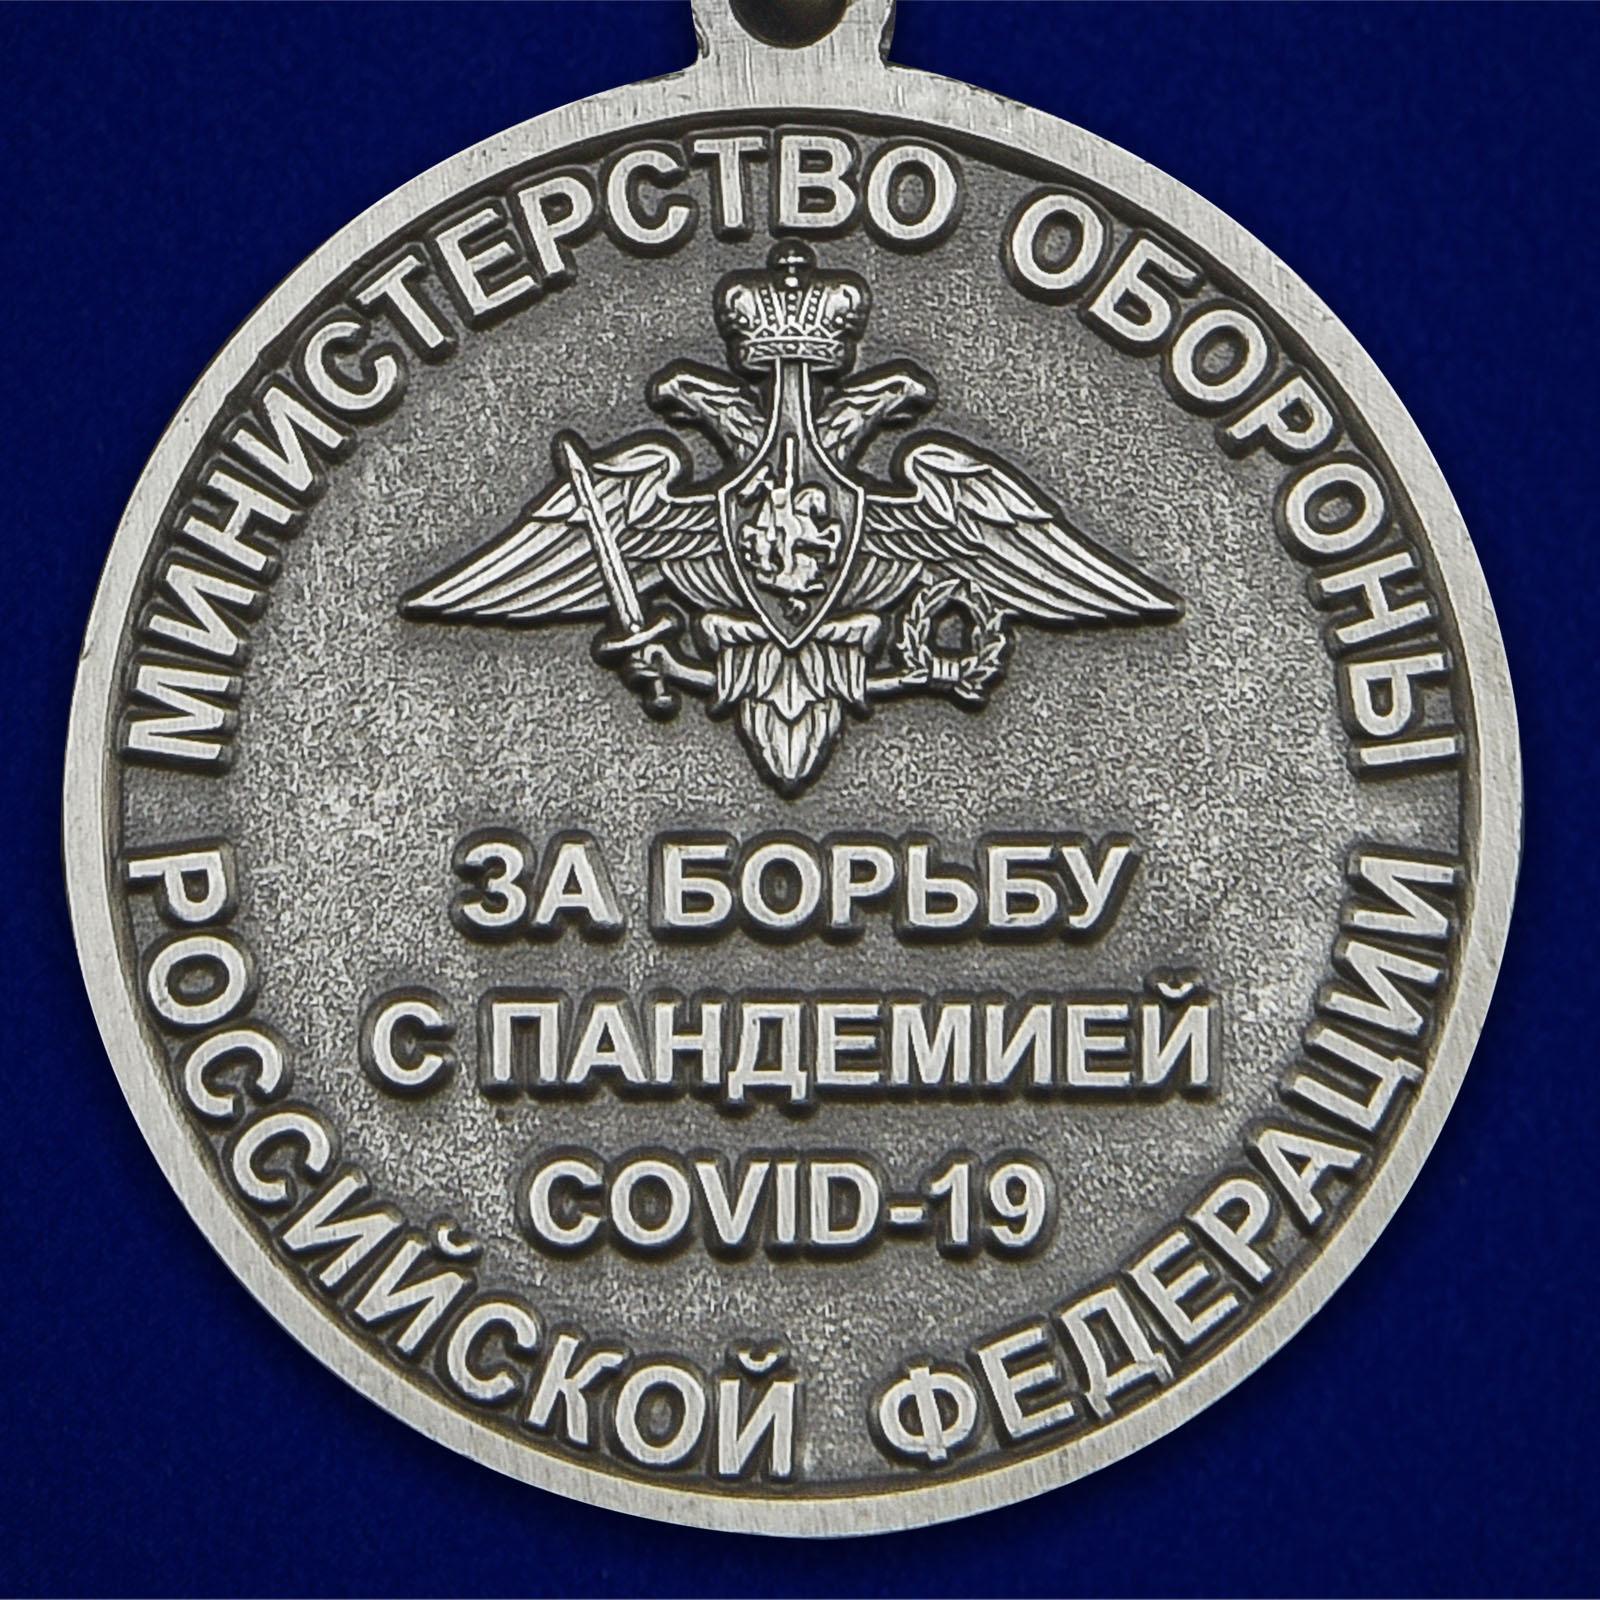 Памятная медаль За борьбу с пандемией COVID-19